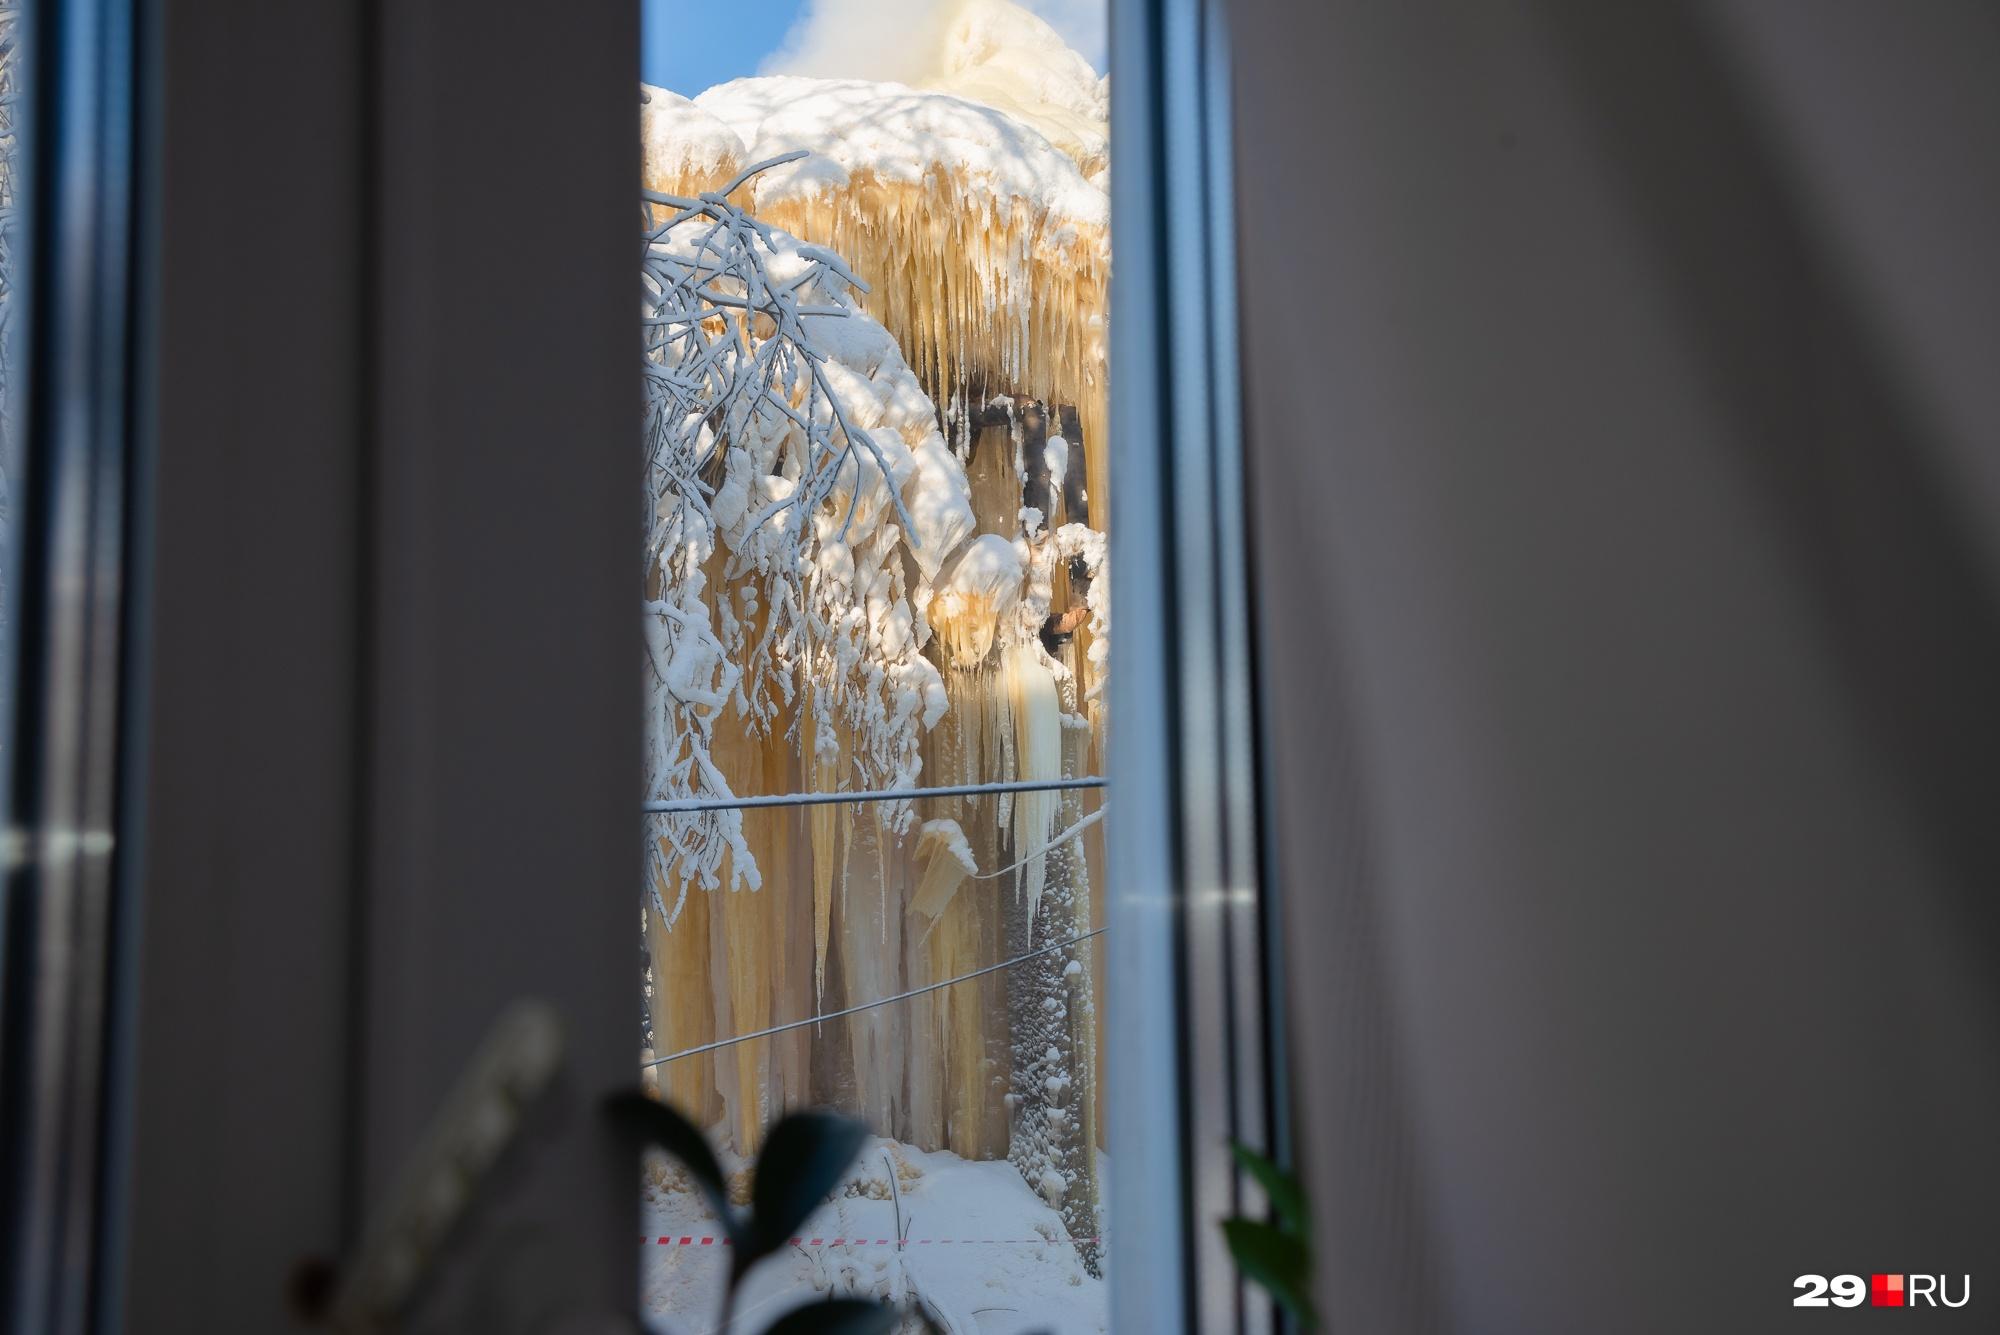 Говорят, вид из окна — повод повысить стоимость жилья. Это не тот случай